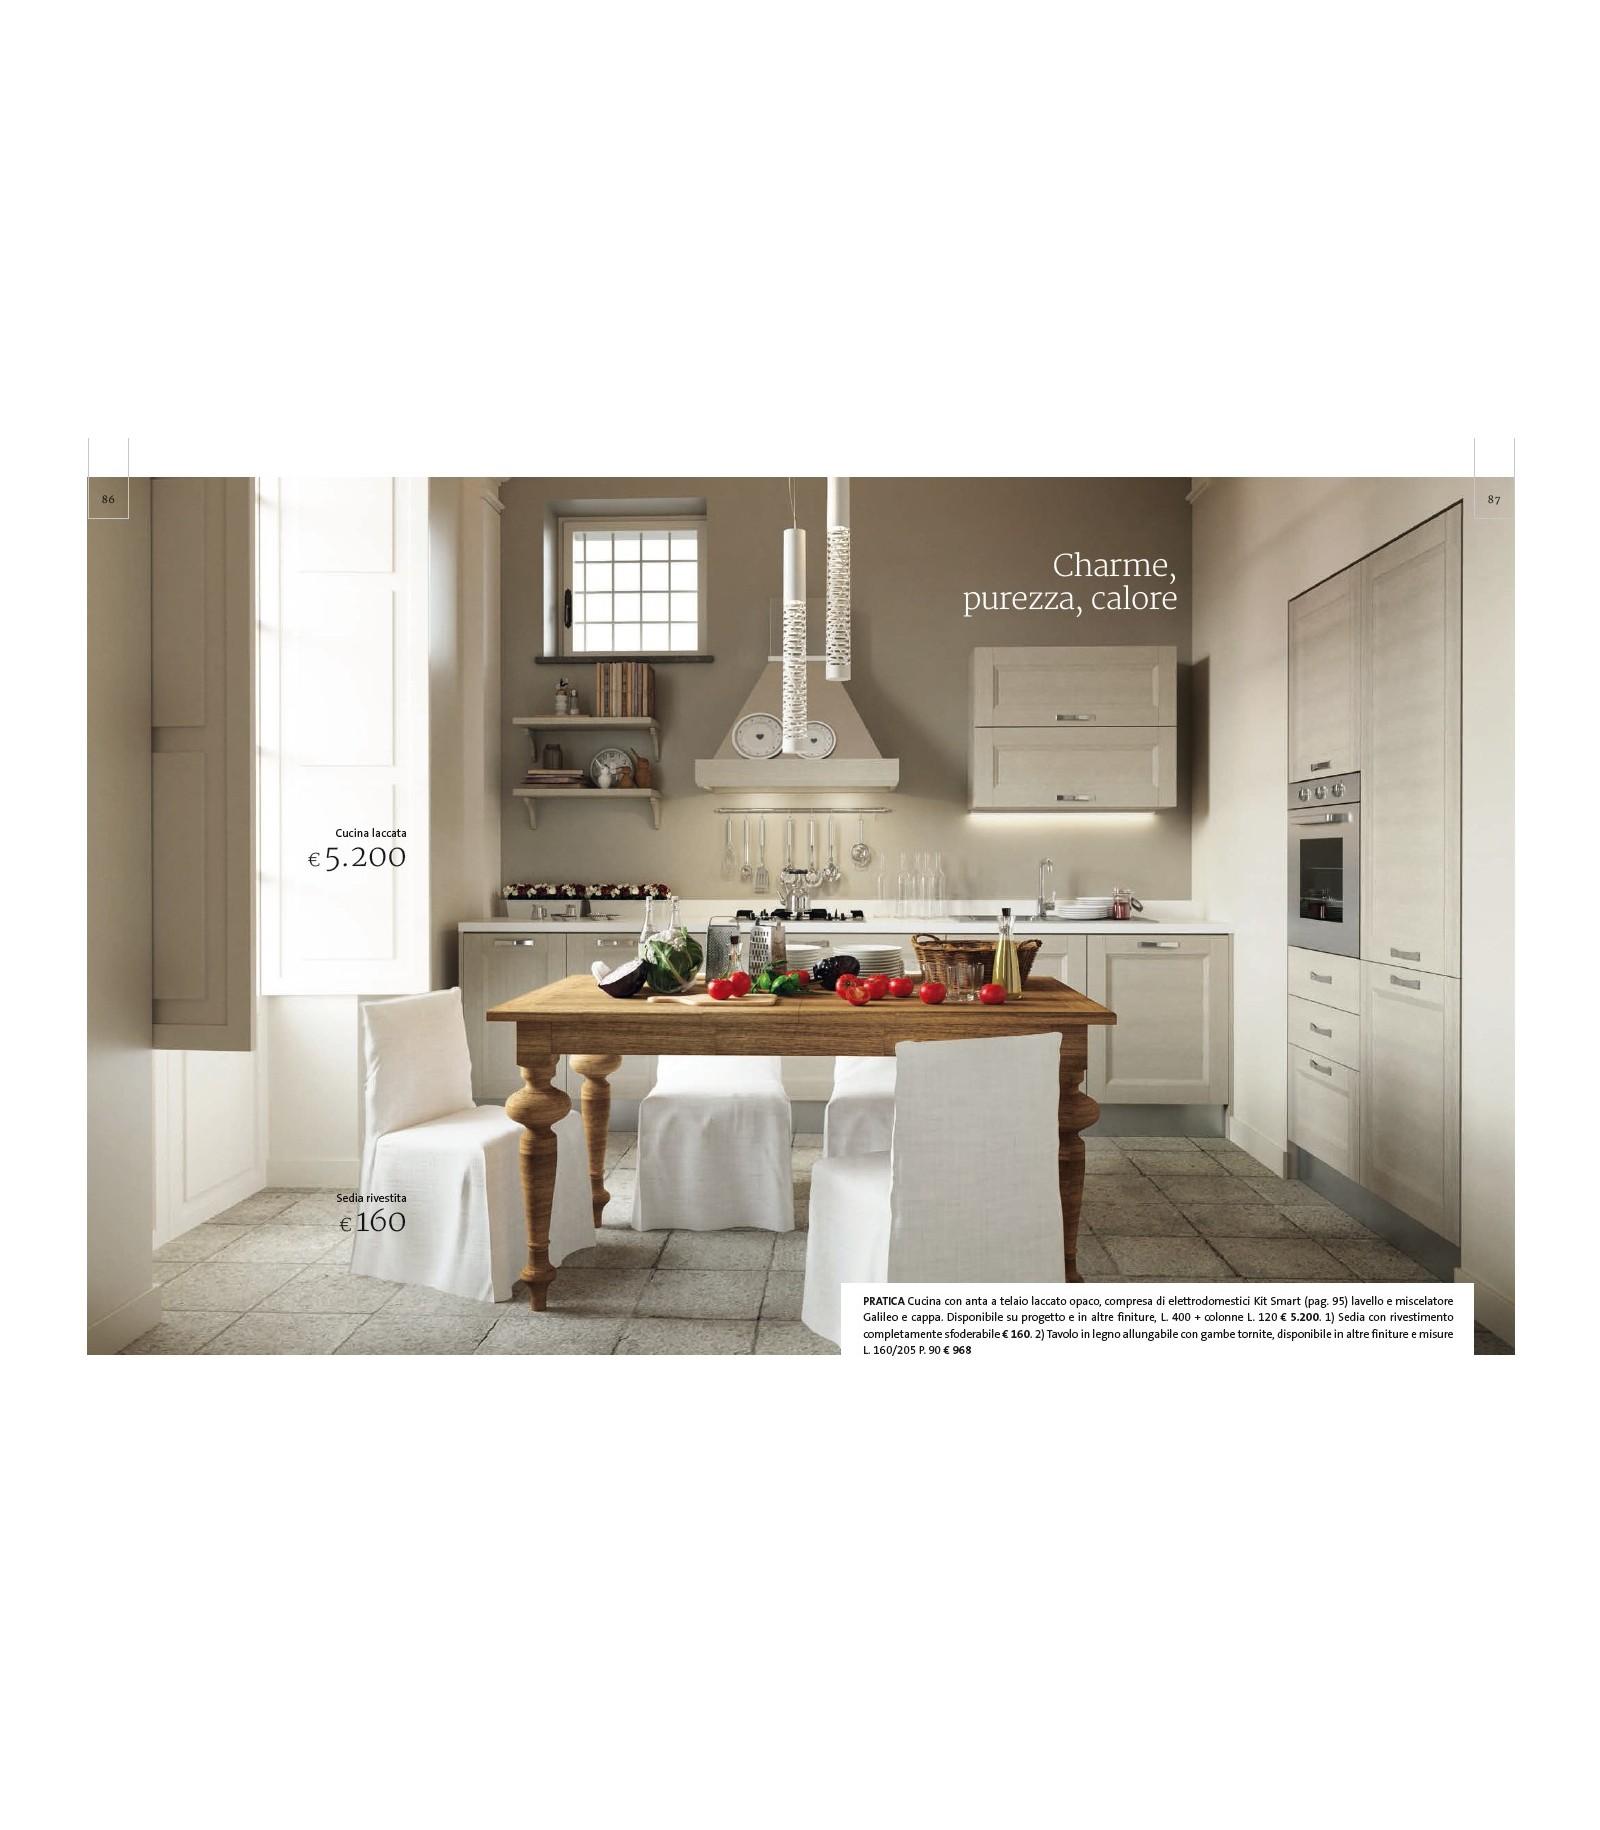 Le cucine taglia s - Oggettistica moderna per la casa ...